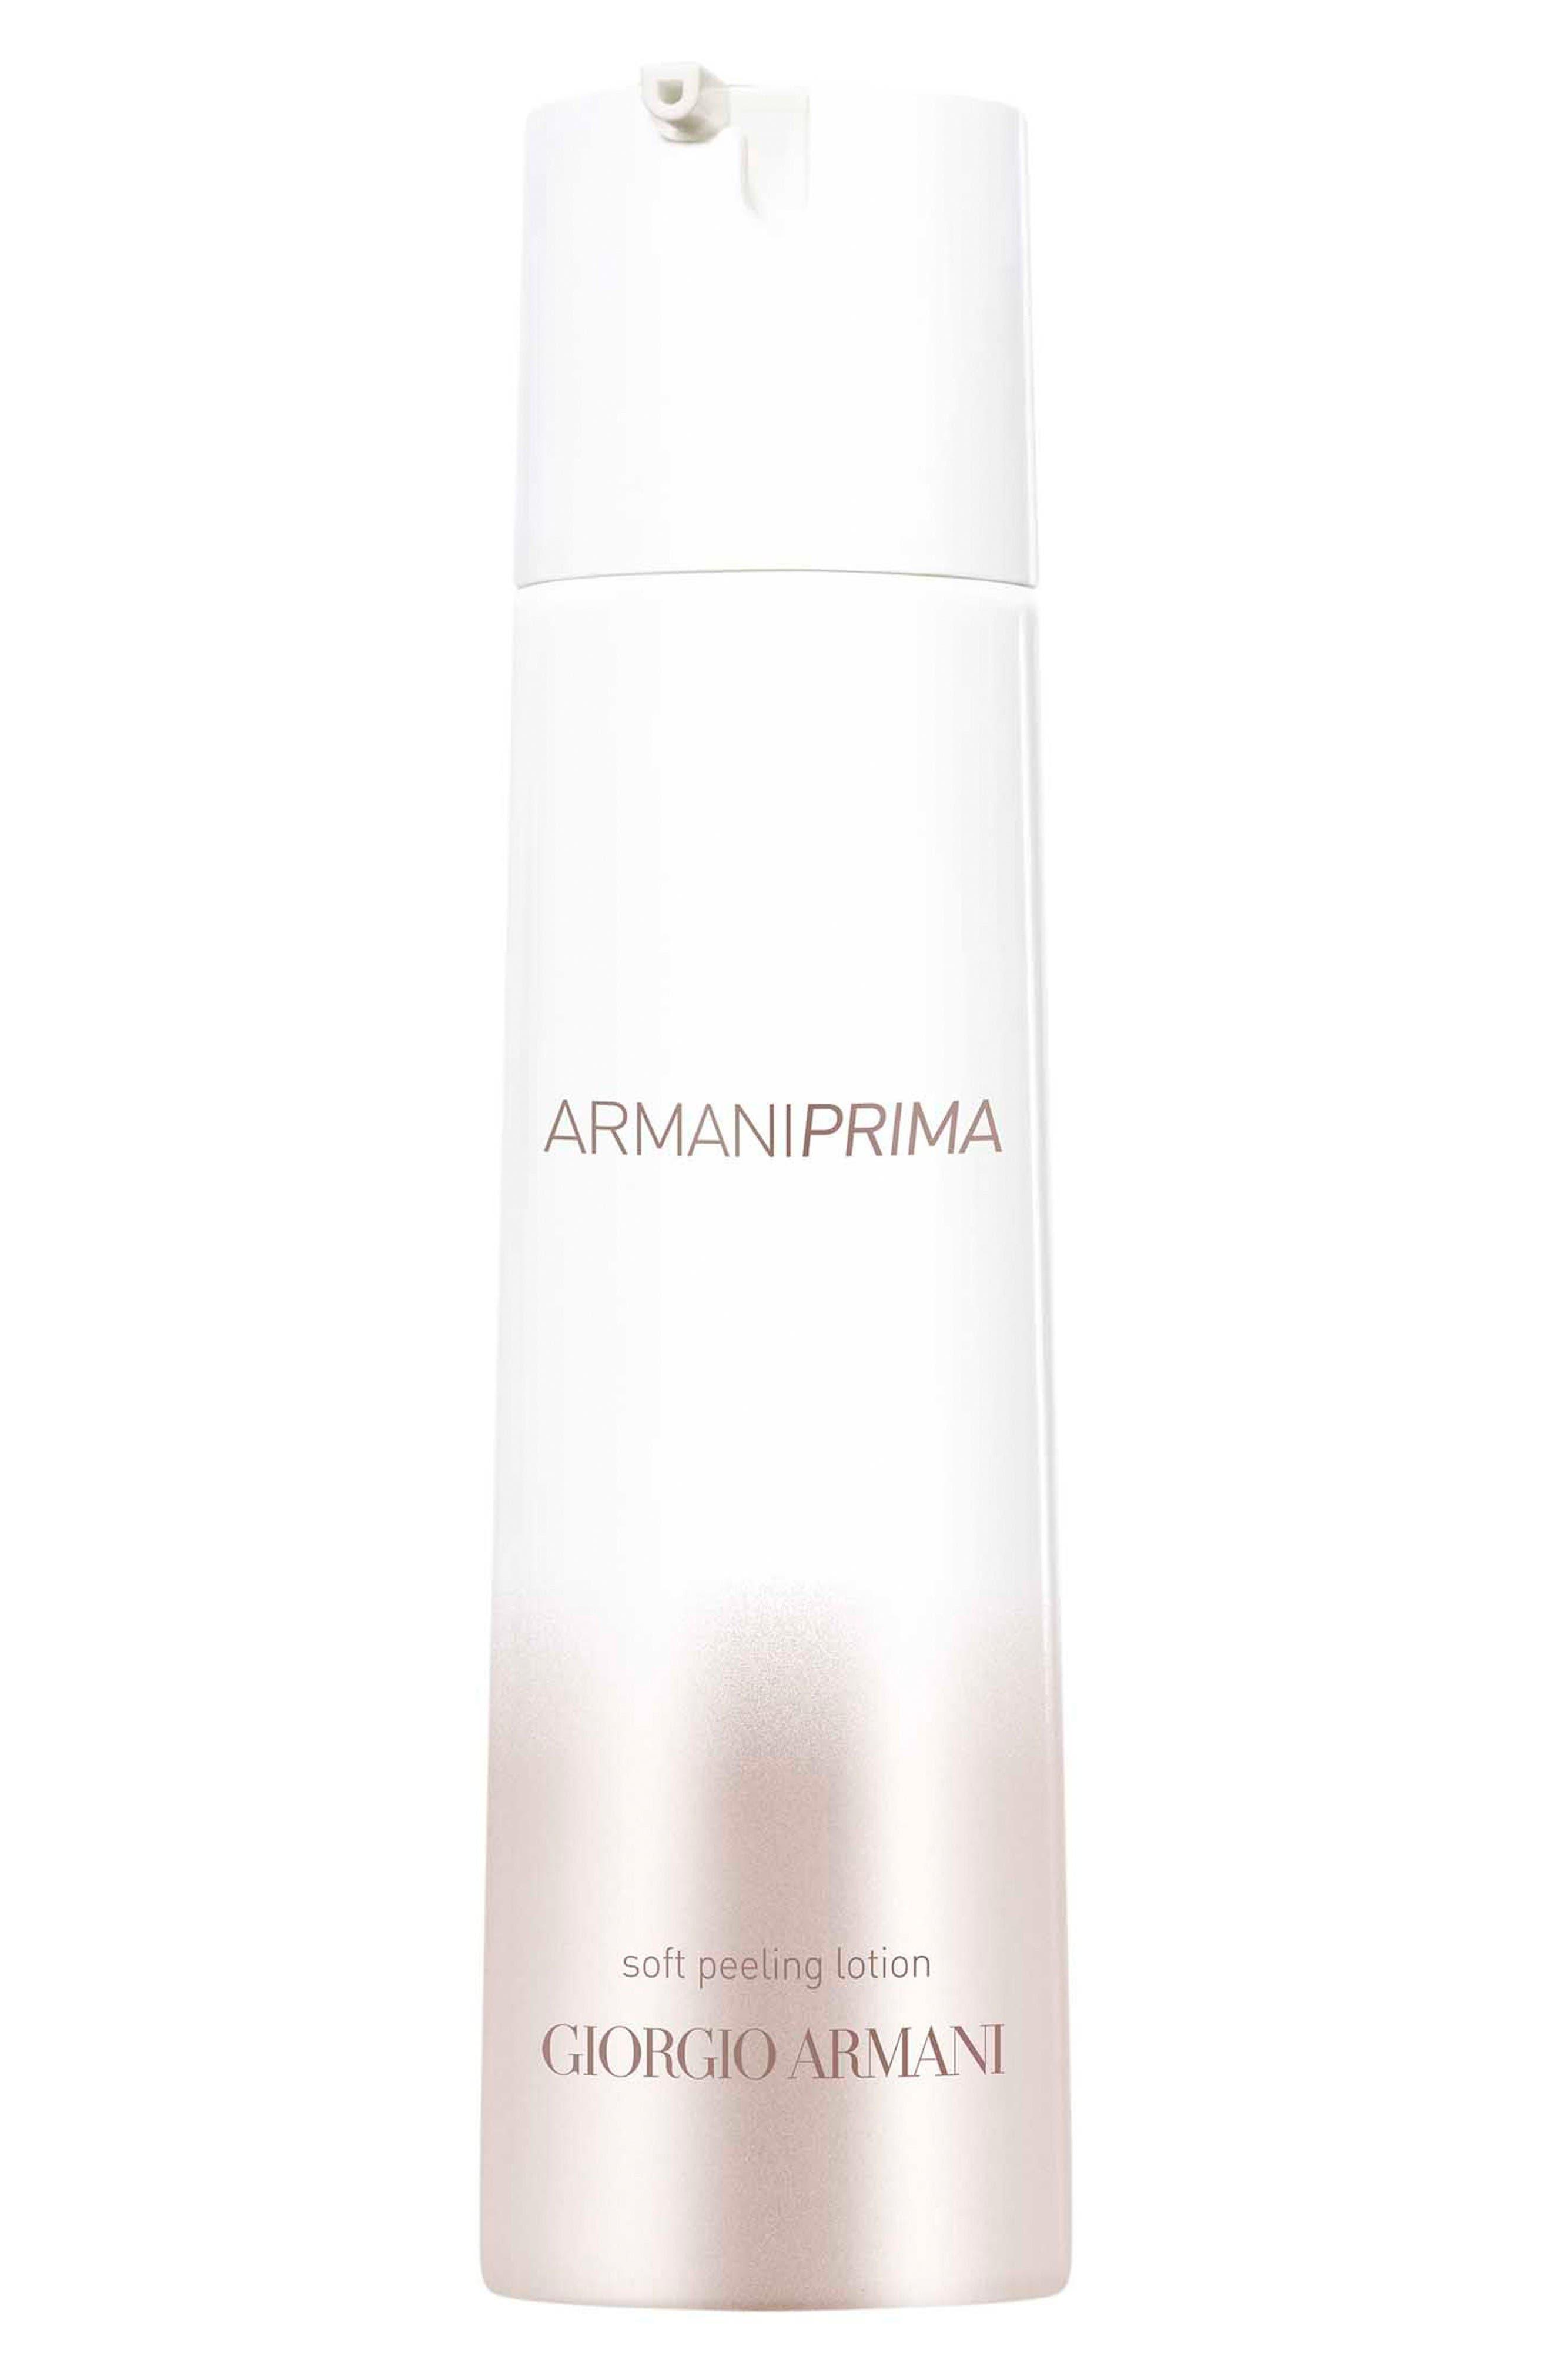 Giorgio Armani Prima Soft Peeling Lotion